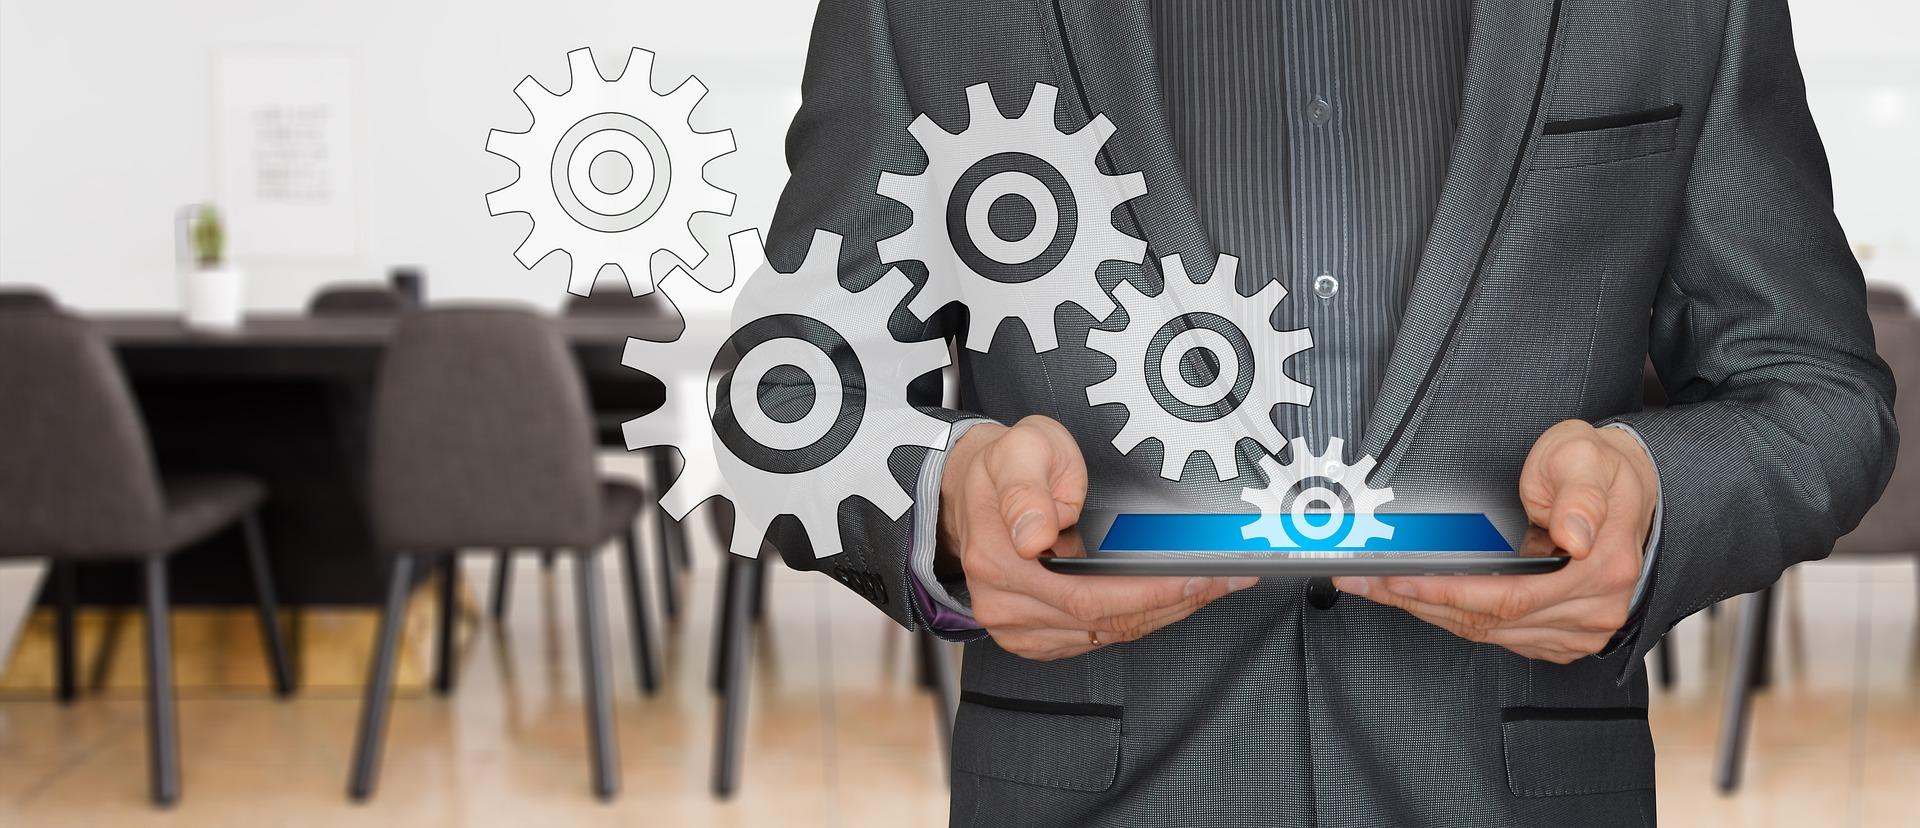 mobile franchise management software